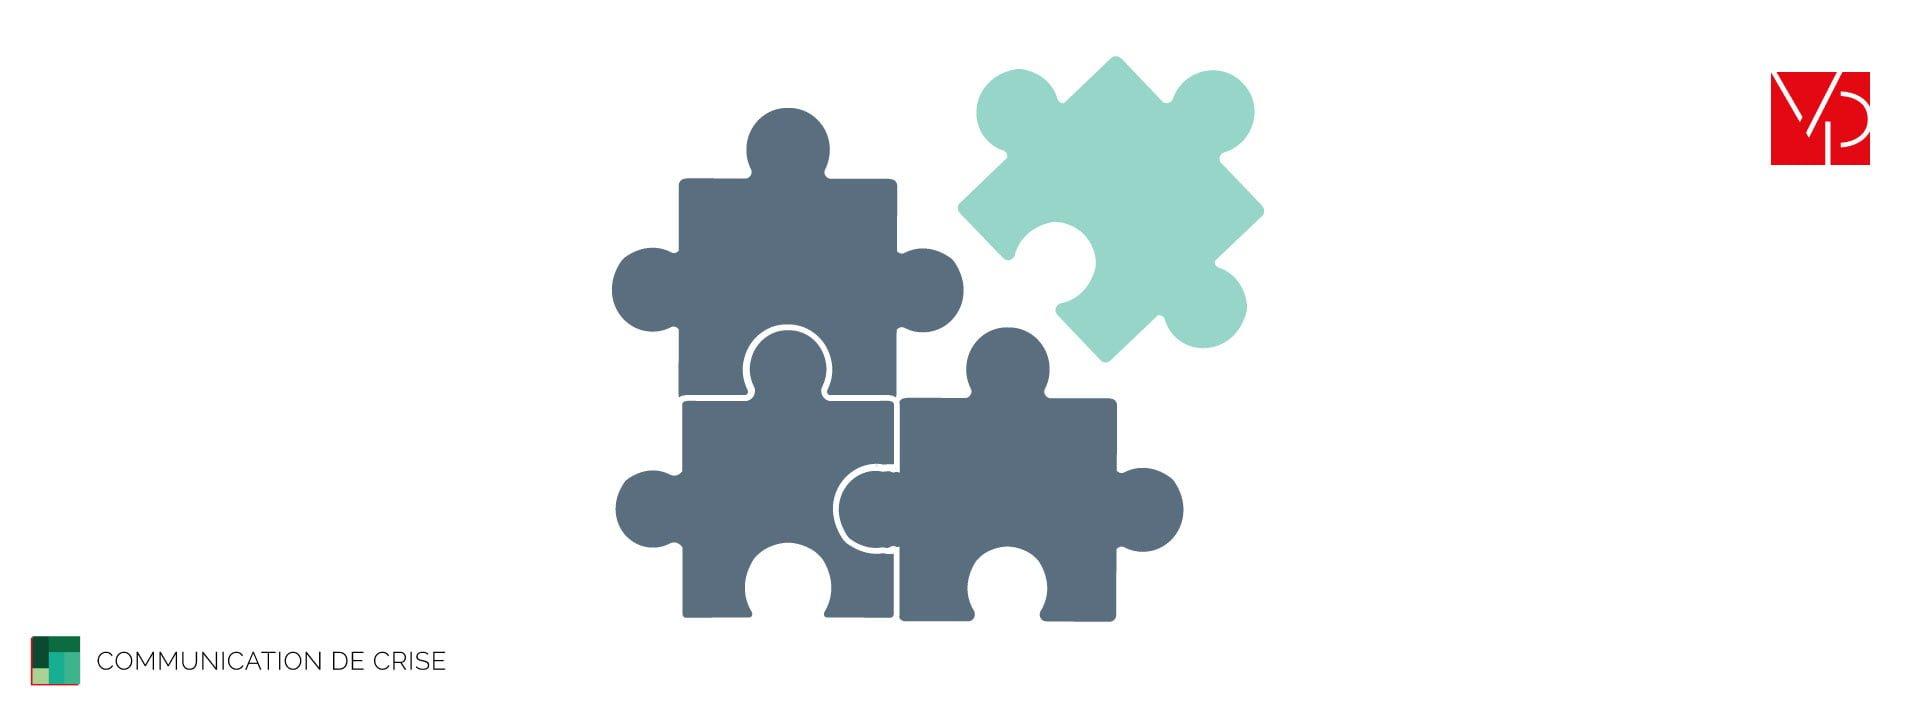 Illustration de la communication de crise avec un puzzle et une pièce du puzzle qui n'est pas la bonne